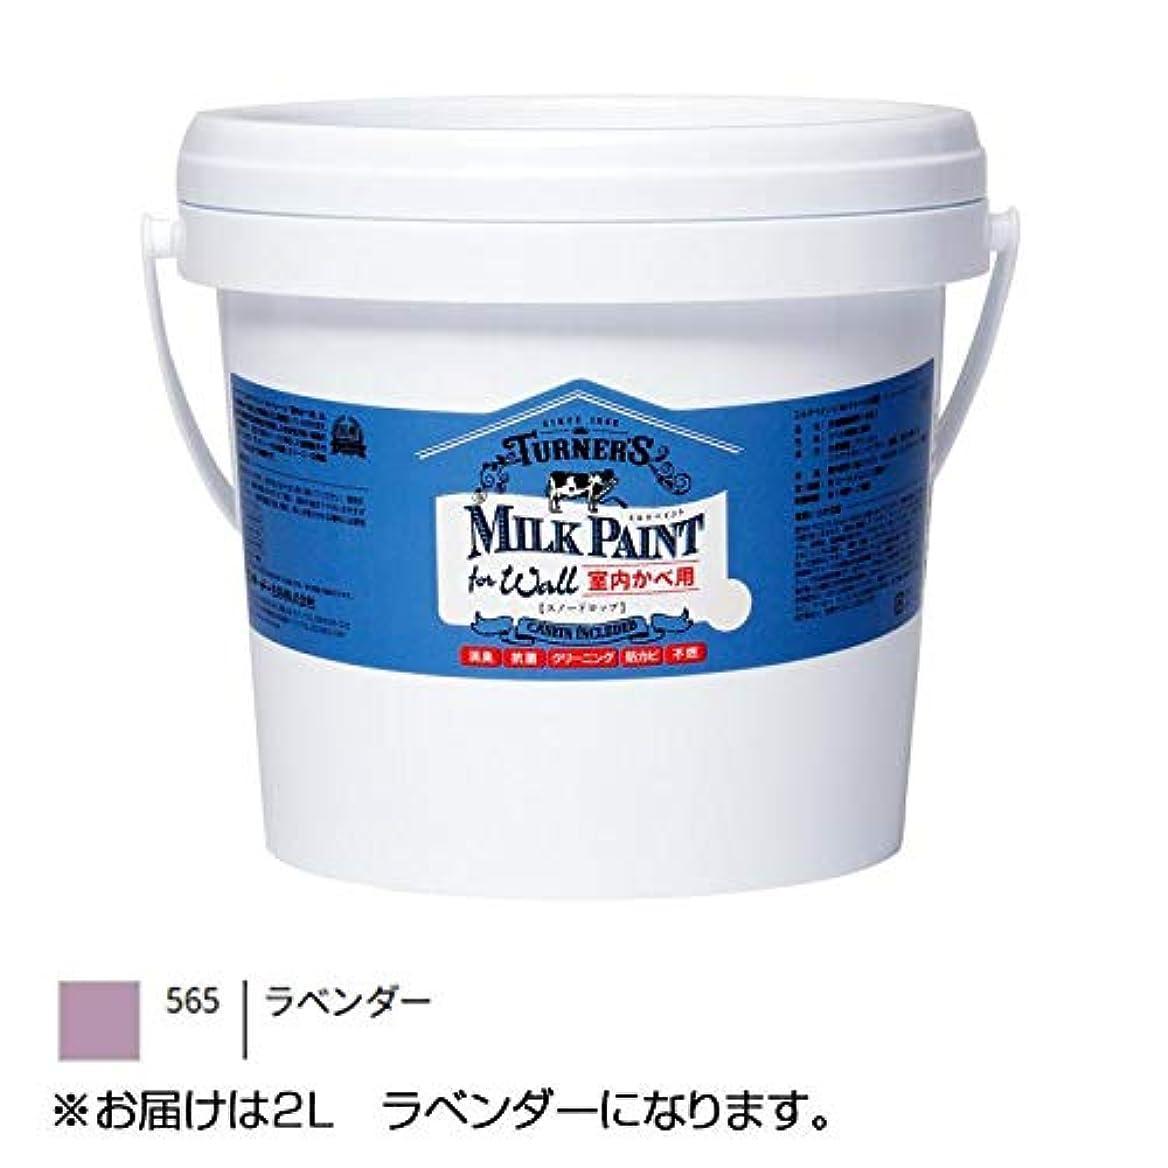 慣らす処理するアマチュア室内かべ用のオリジナルペイント! ターナー色彩 ミルクペイントforウォール(室内かべ用) 2L ラベンダー MW002565 〈簡易梱包